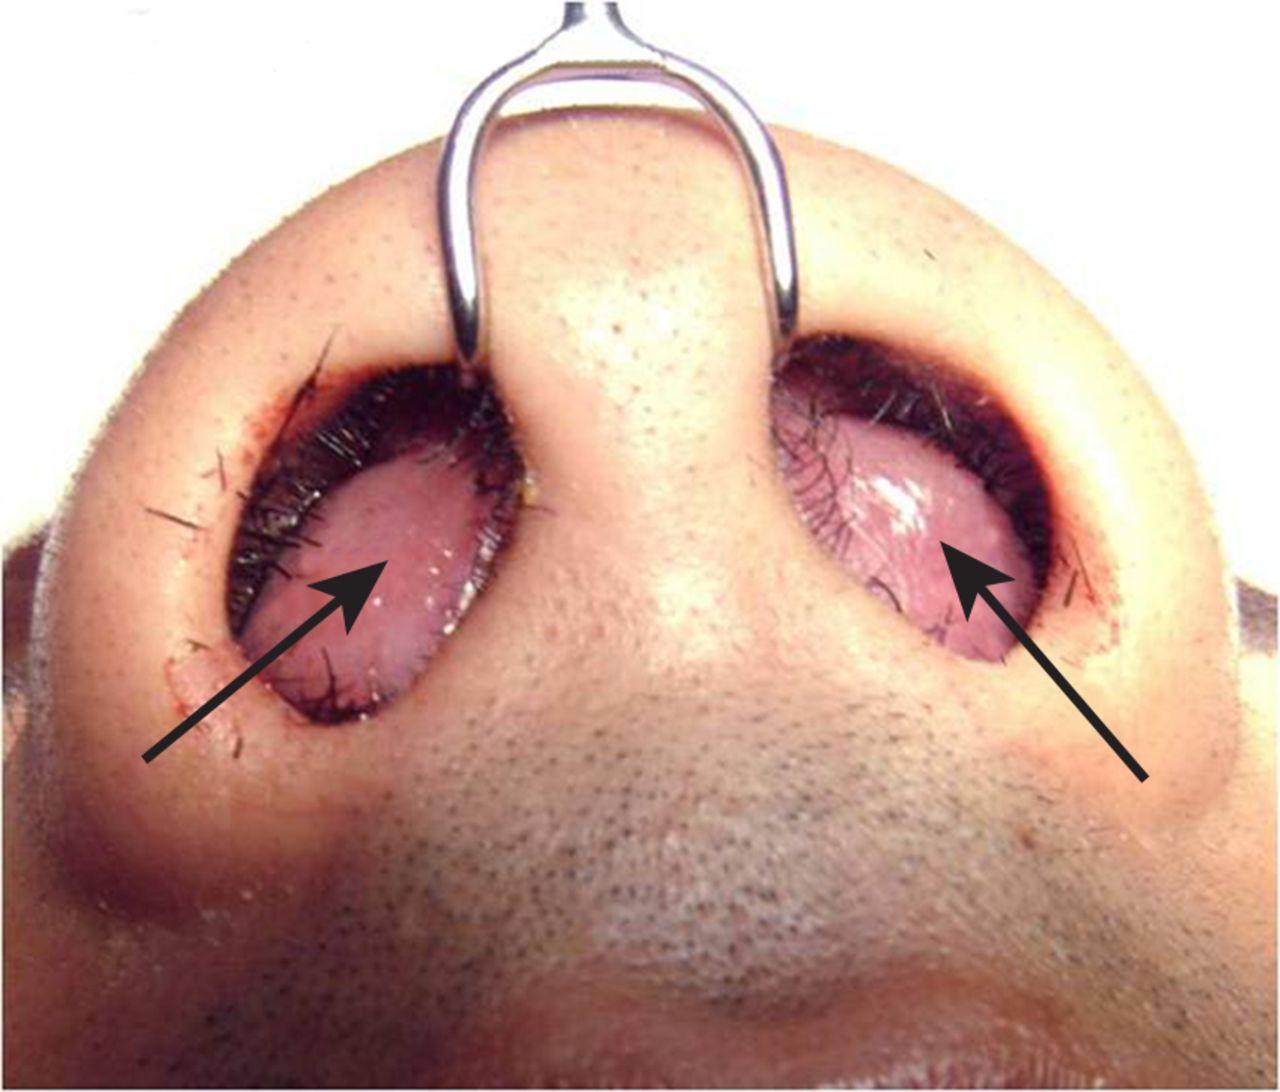 Nasal septal haematoma | The BMJ